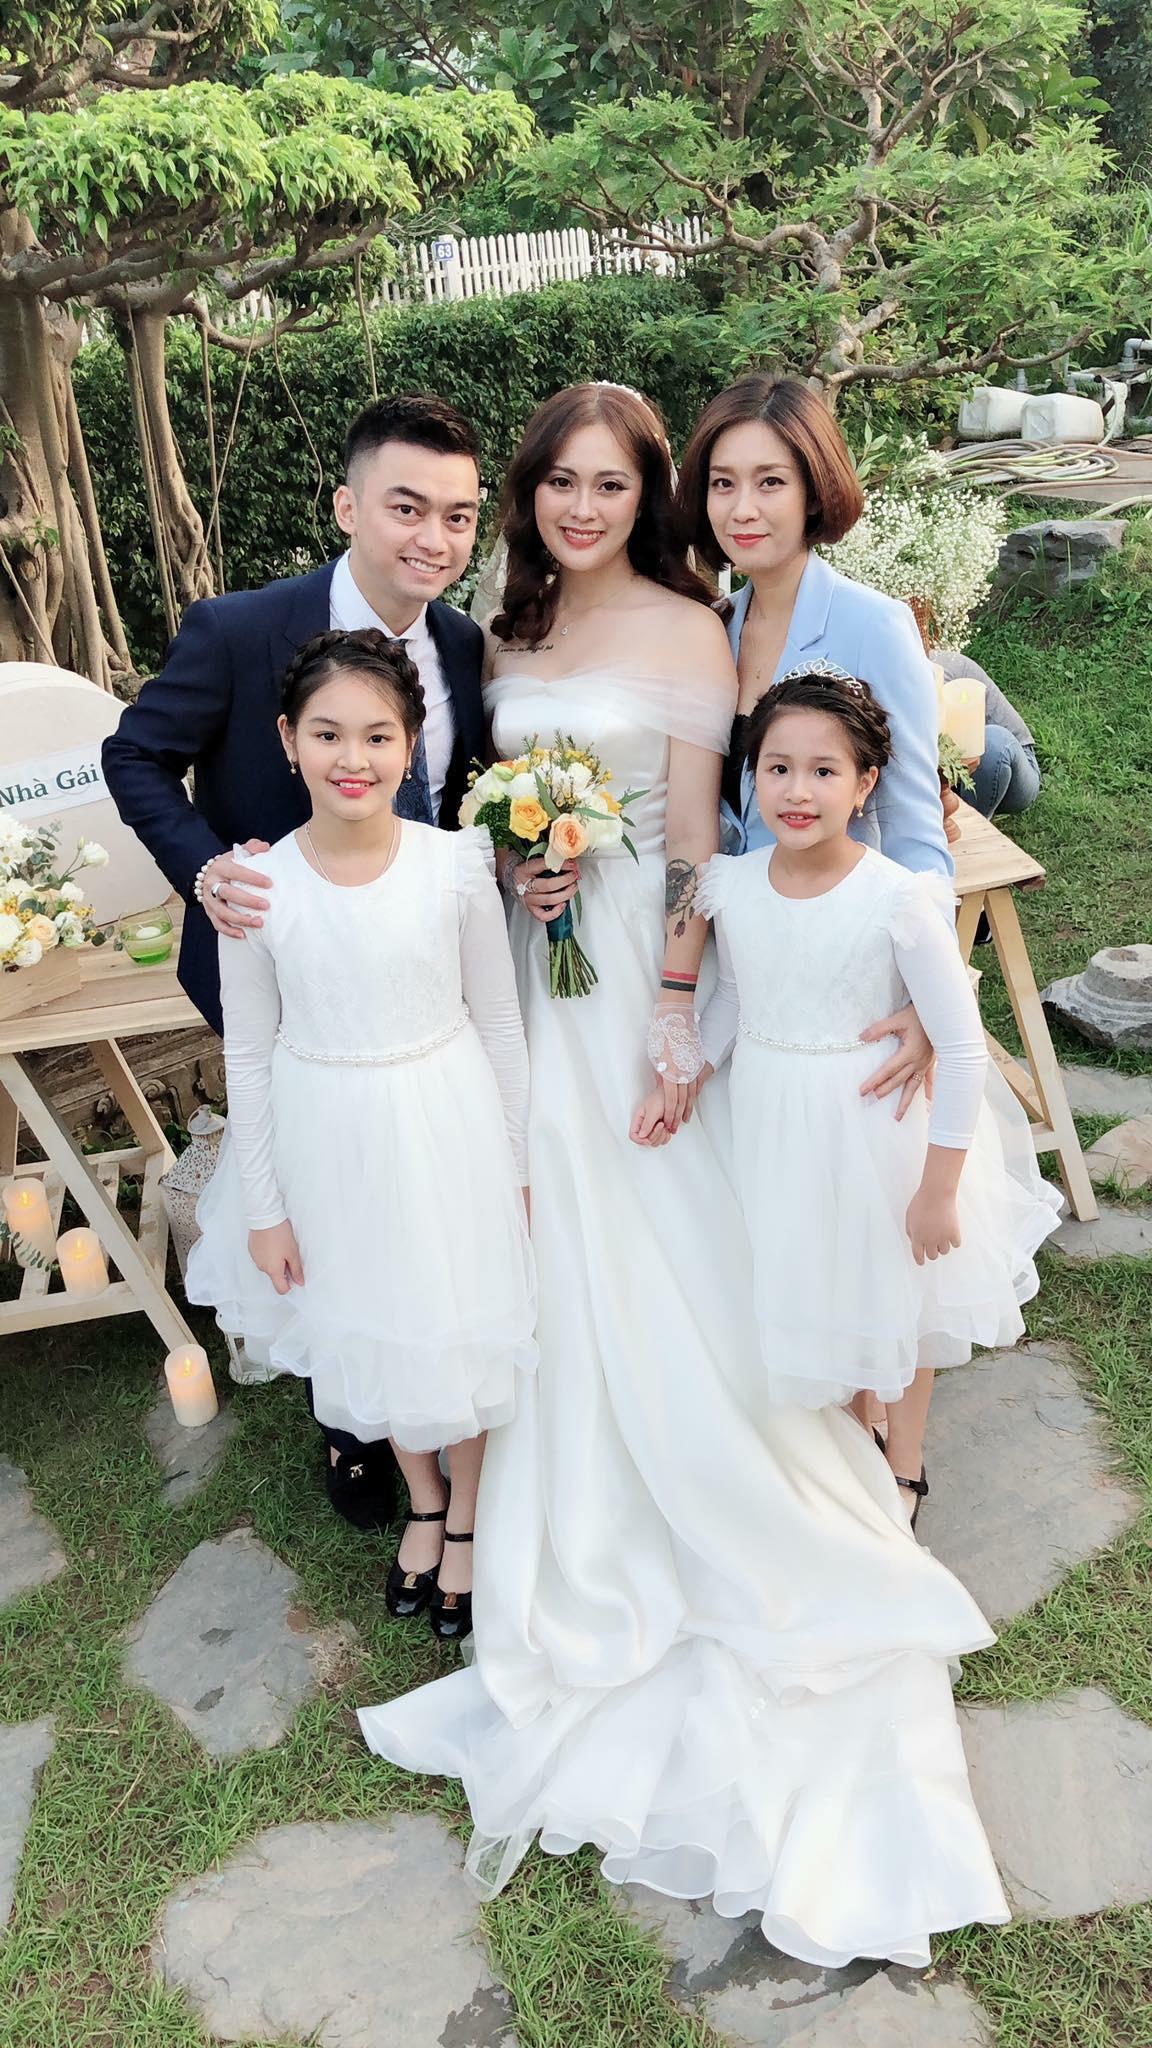 Con trai cơ phó vừa hủy hôn, con gái nghệ sĩ Hương Dung bất ngờ lên xe hoa, nhìn nhan sắc cô dâu ai cũng ngỡ ngàng-2